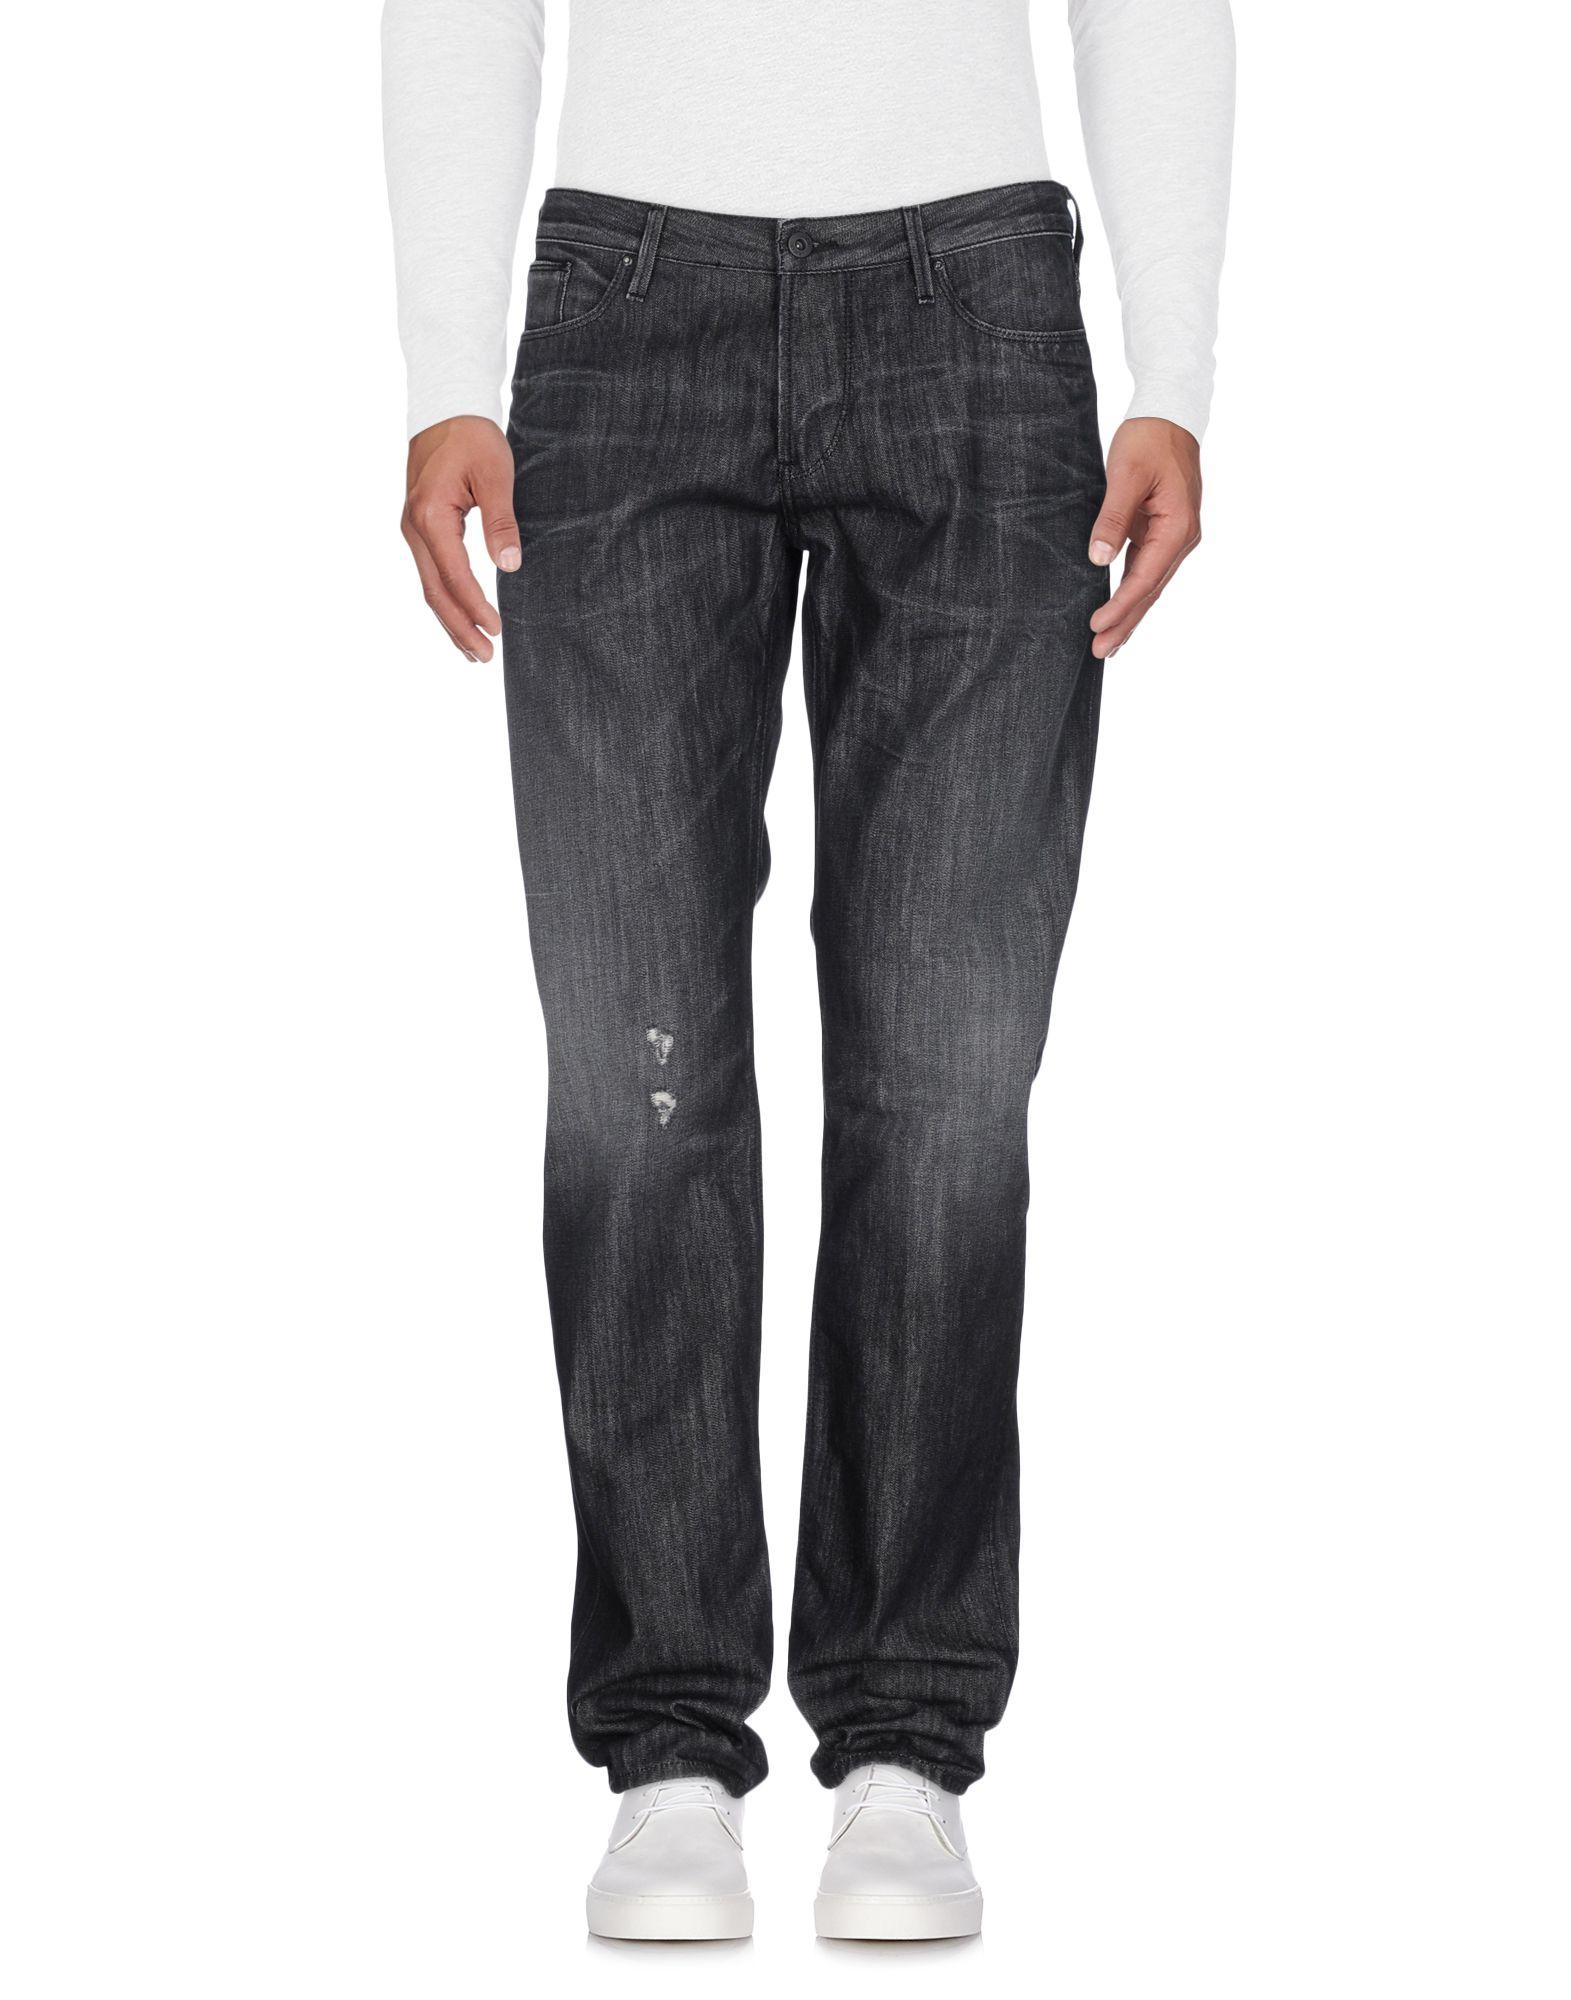 ARMANI JEANS Herren Jeanshose Farbe Schwarz Größe 6 - broschei